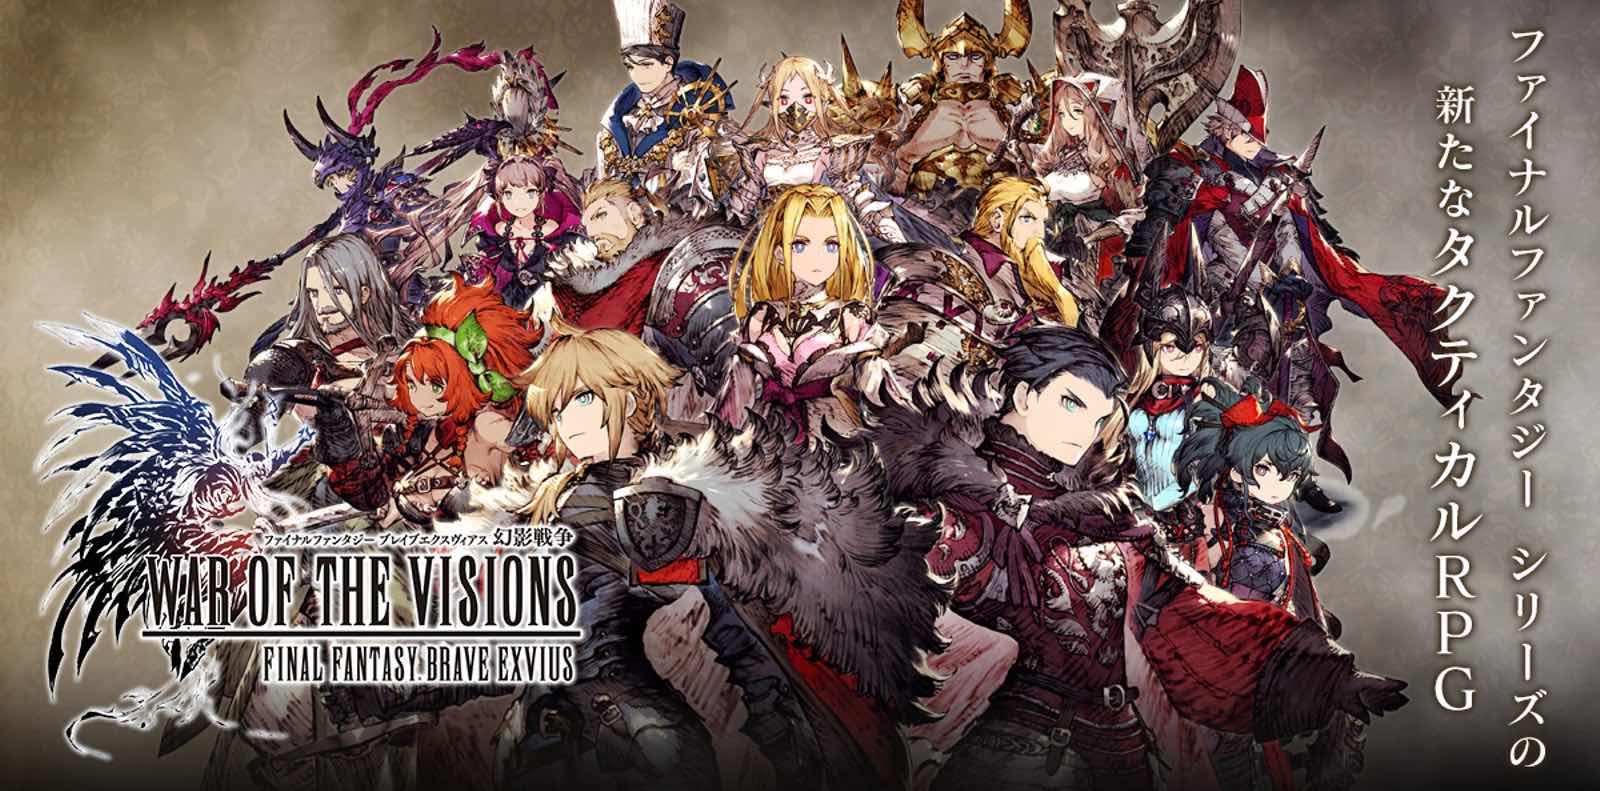 """Final Fantasy Brave Exvius presenta su evento de verano """"War of the Visions"""" el cual estará disponible hasta el 24 de Agosto"""